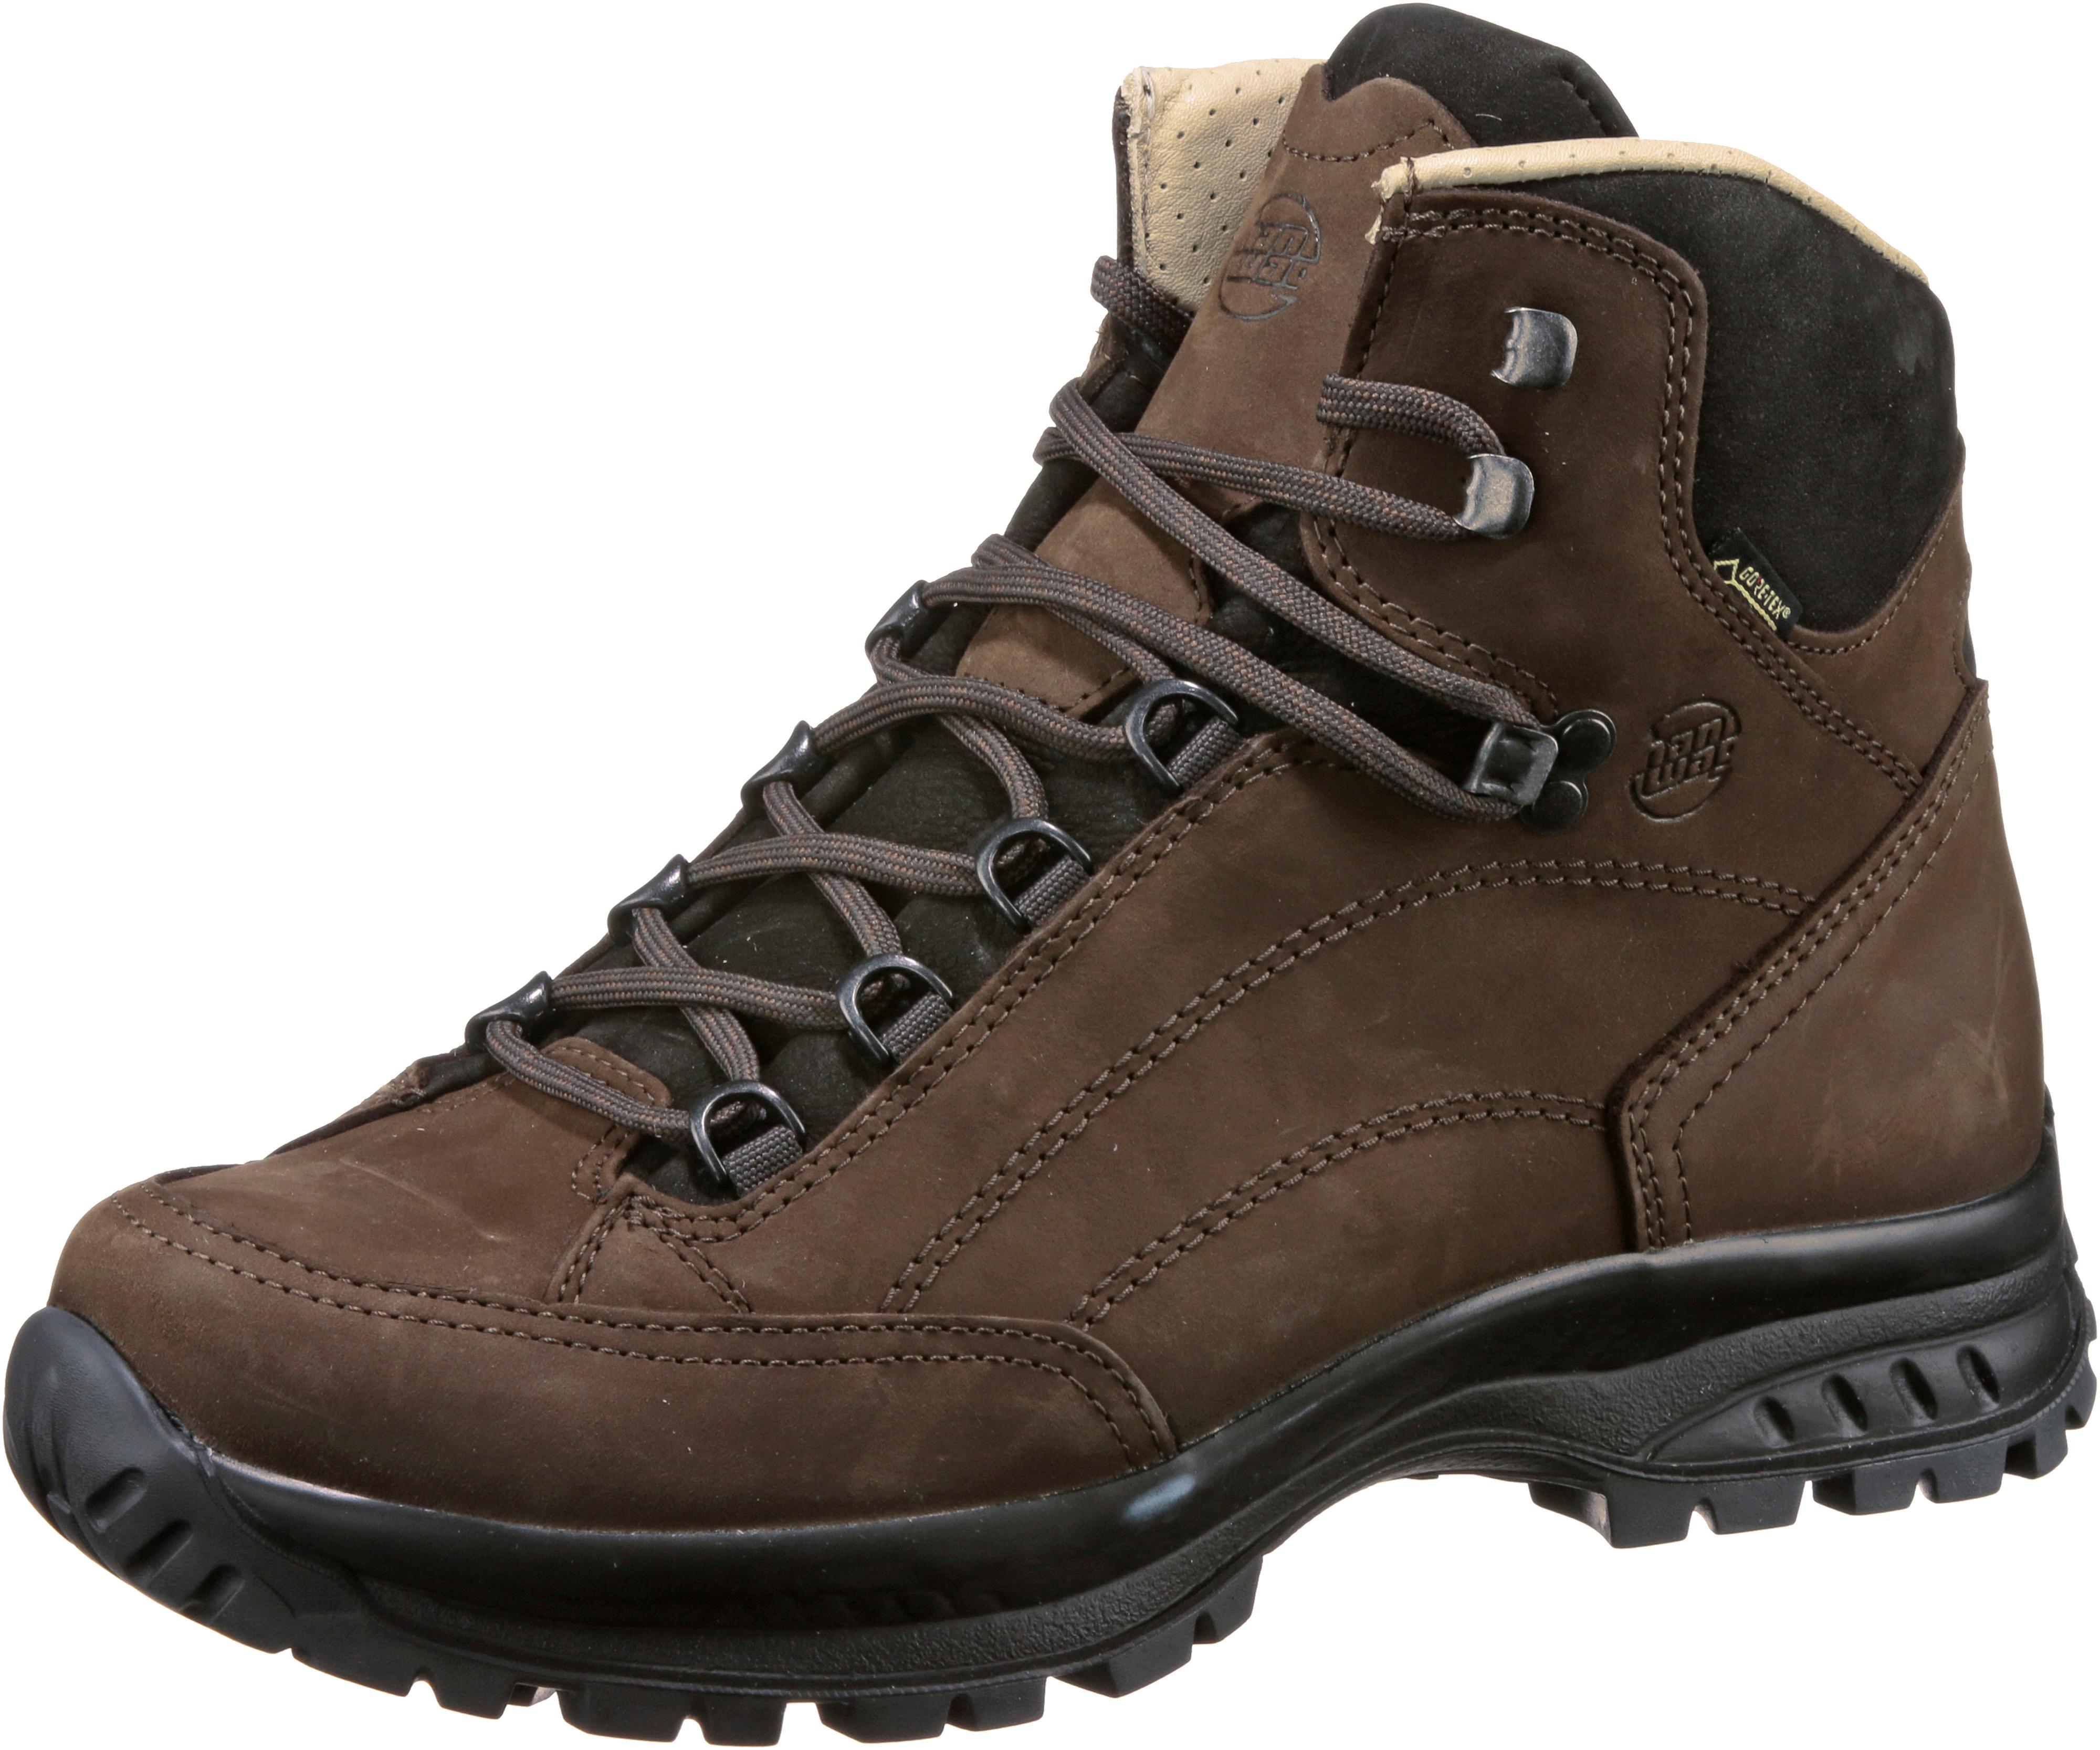 Hanwag Alta Bunion GTX Wanderschuhe Herren erde im Online Shop Gute von SportScheck kaufen Gute Shop Qualität beliebte Schuhe a9c1cb